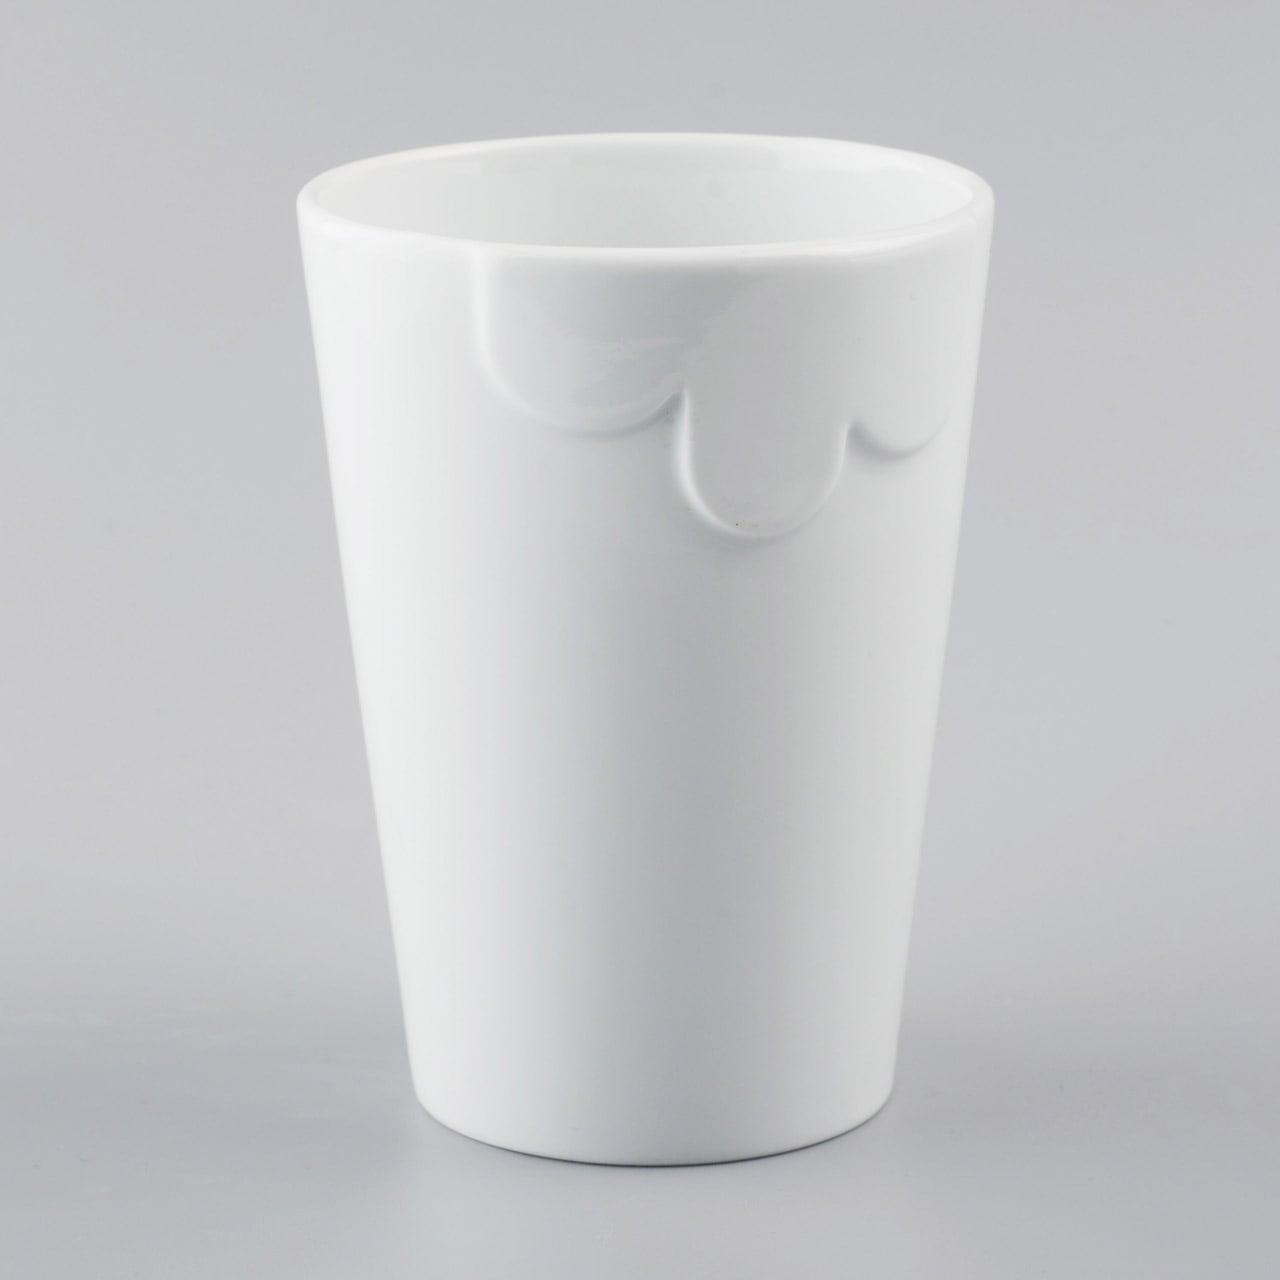 ドロリのコップ / Dorori Cup